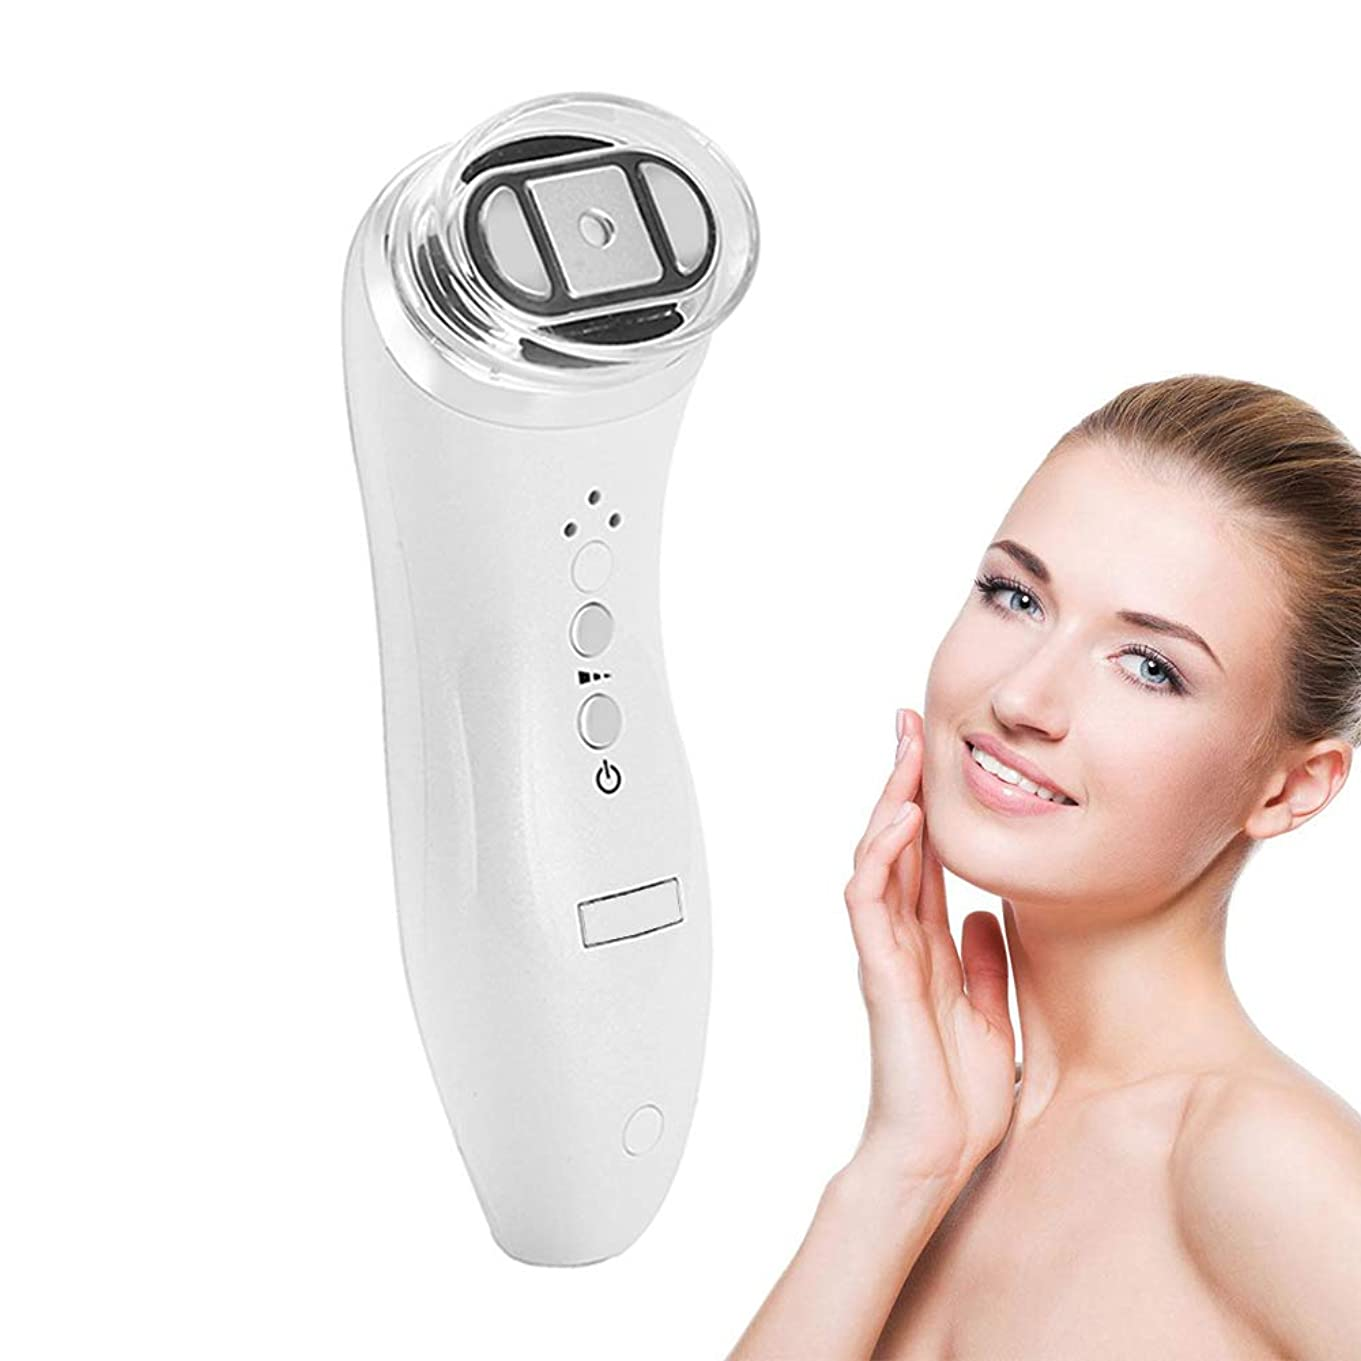 バン眼尾アップグレード専門の両極RFの無線周波数の持ち上がる表面スキンケアのマッサージャー、皮の若返りの美装置、白をきつく締める小型手持ち型の反しわ